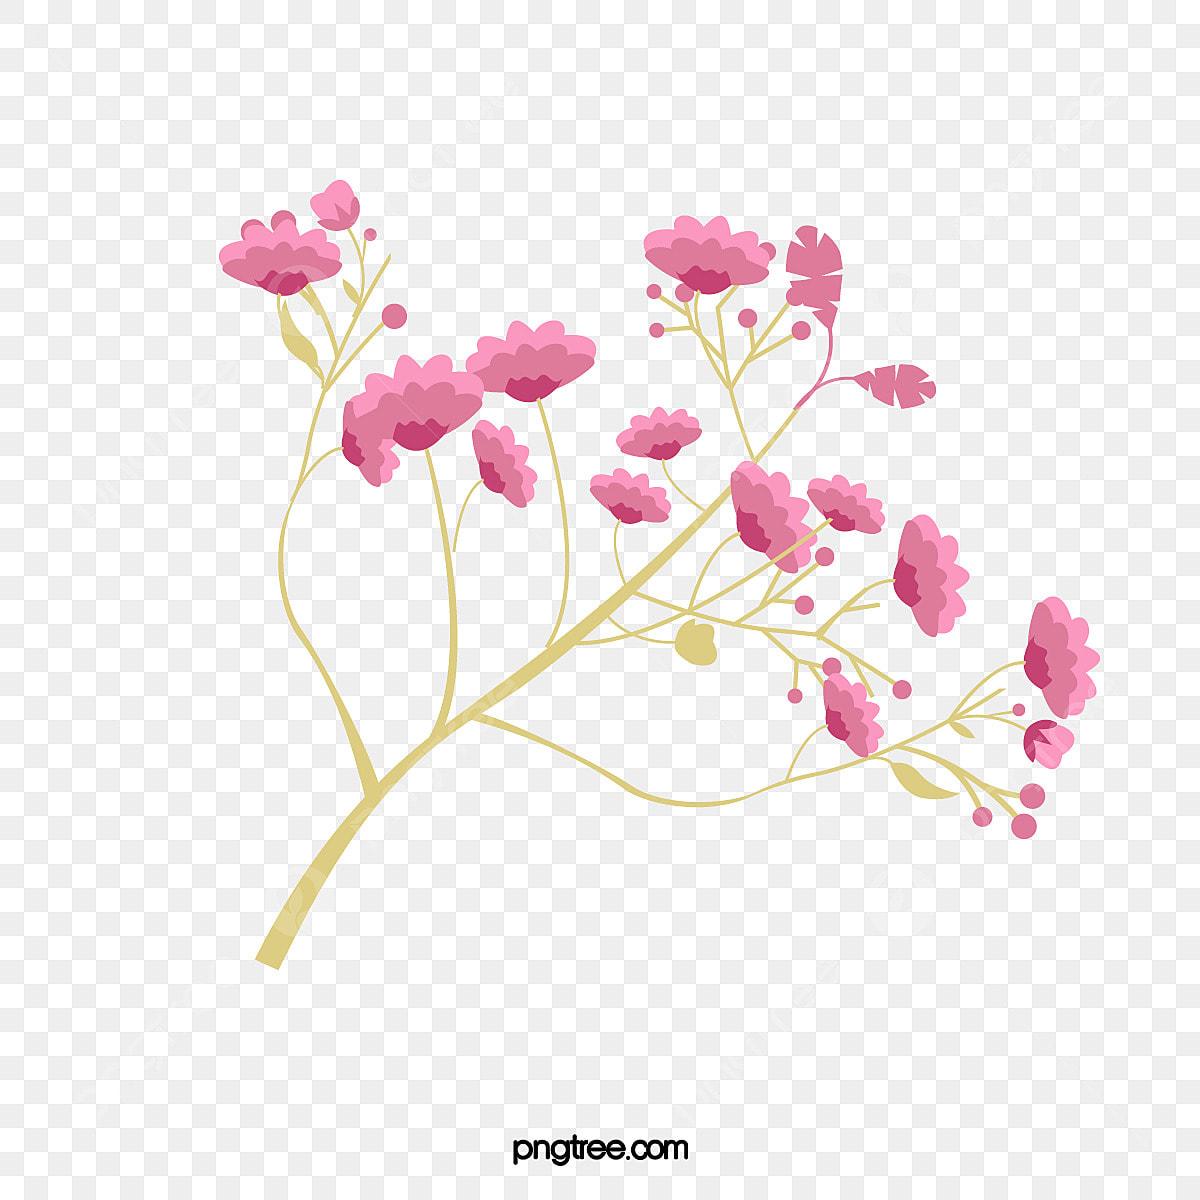 une branche de fleurs rose  u00e0 motif d u00e9coratif rose peint  u00e0